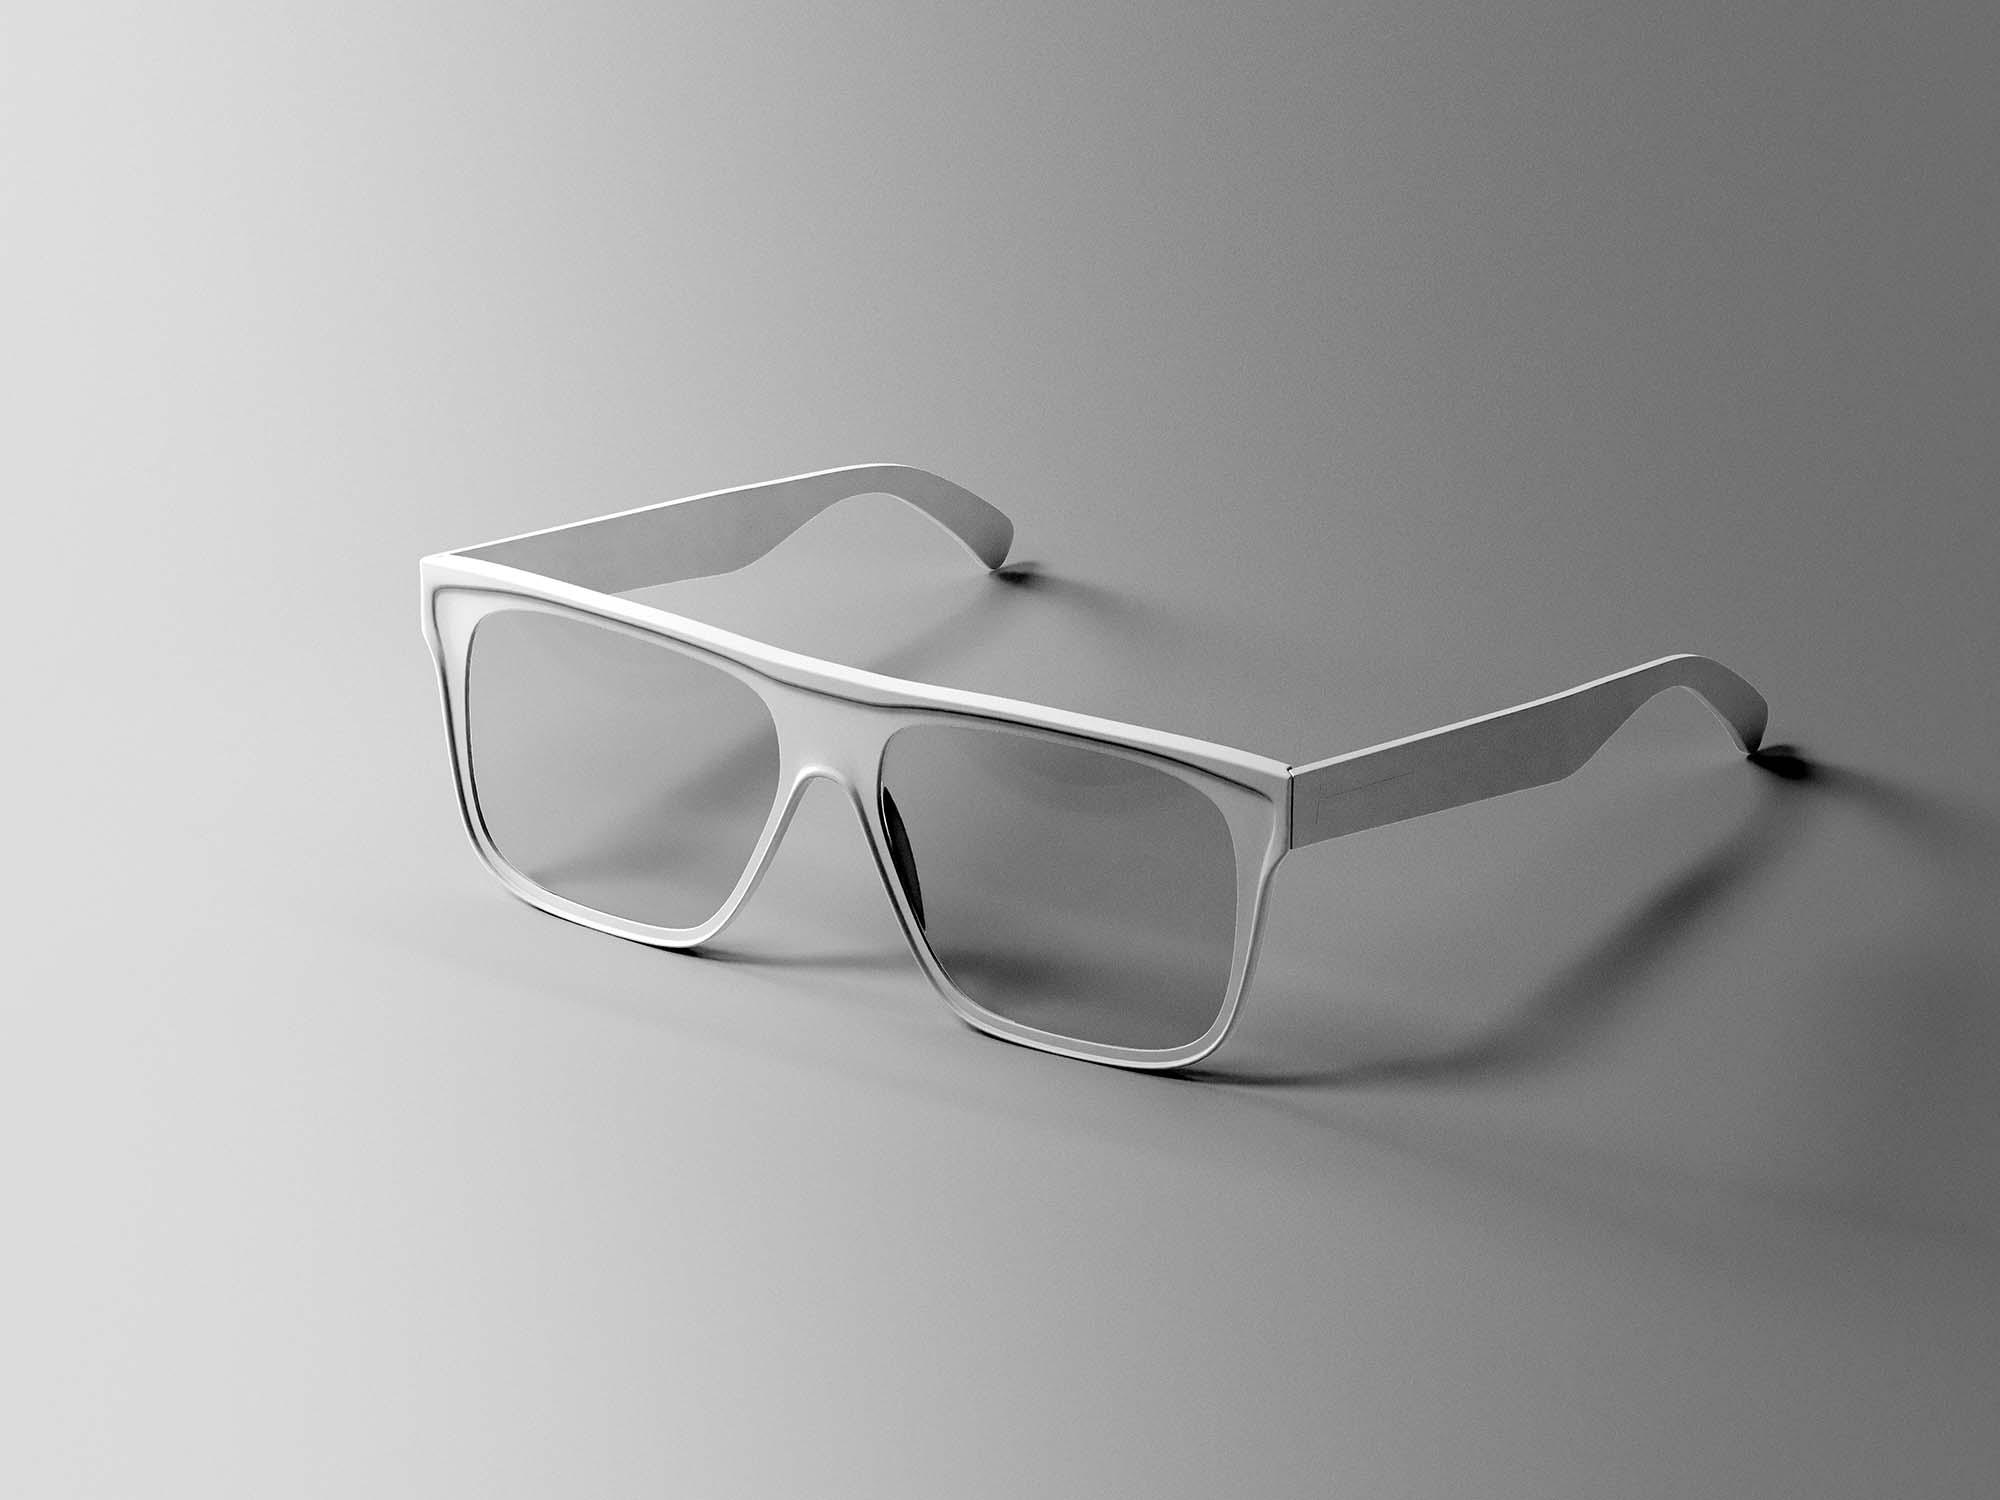 Simple Glasses Mockup 2